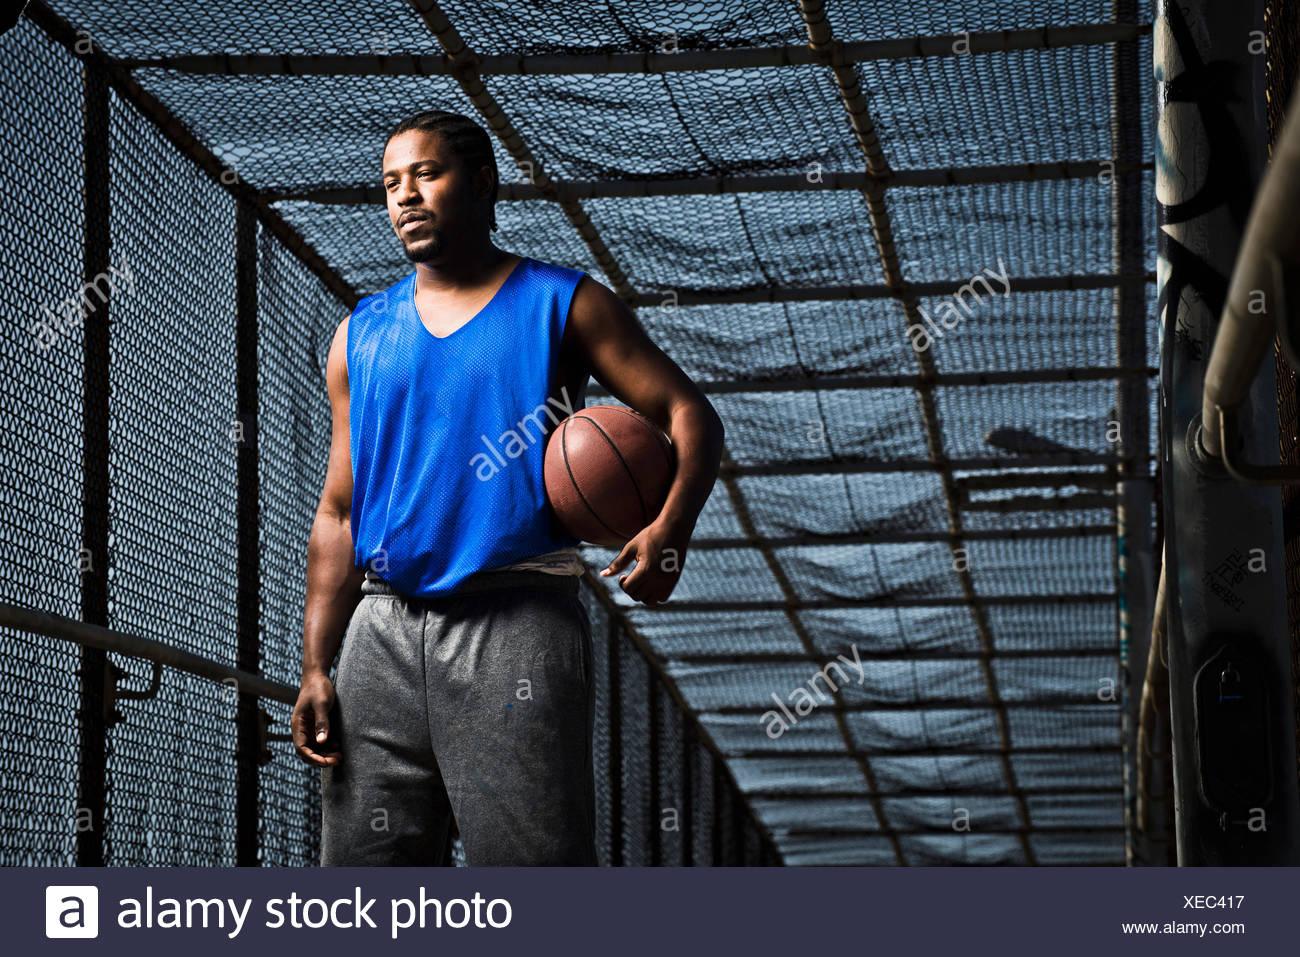 Un hombre joven posa con una pelota de baloncesto sobre un puente. Imagen De Stock